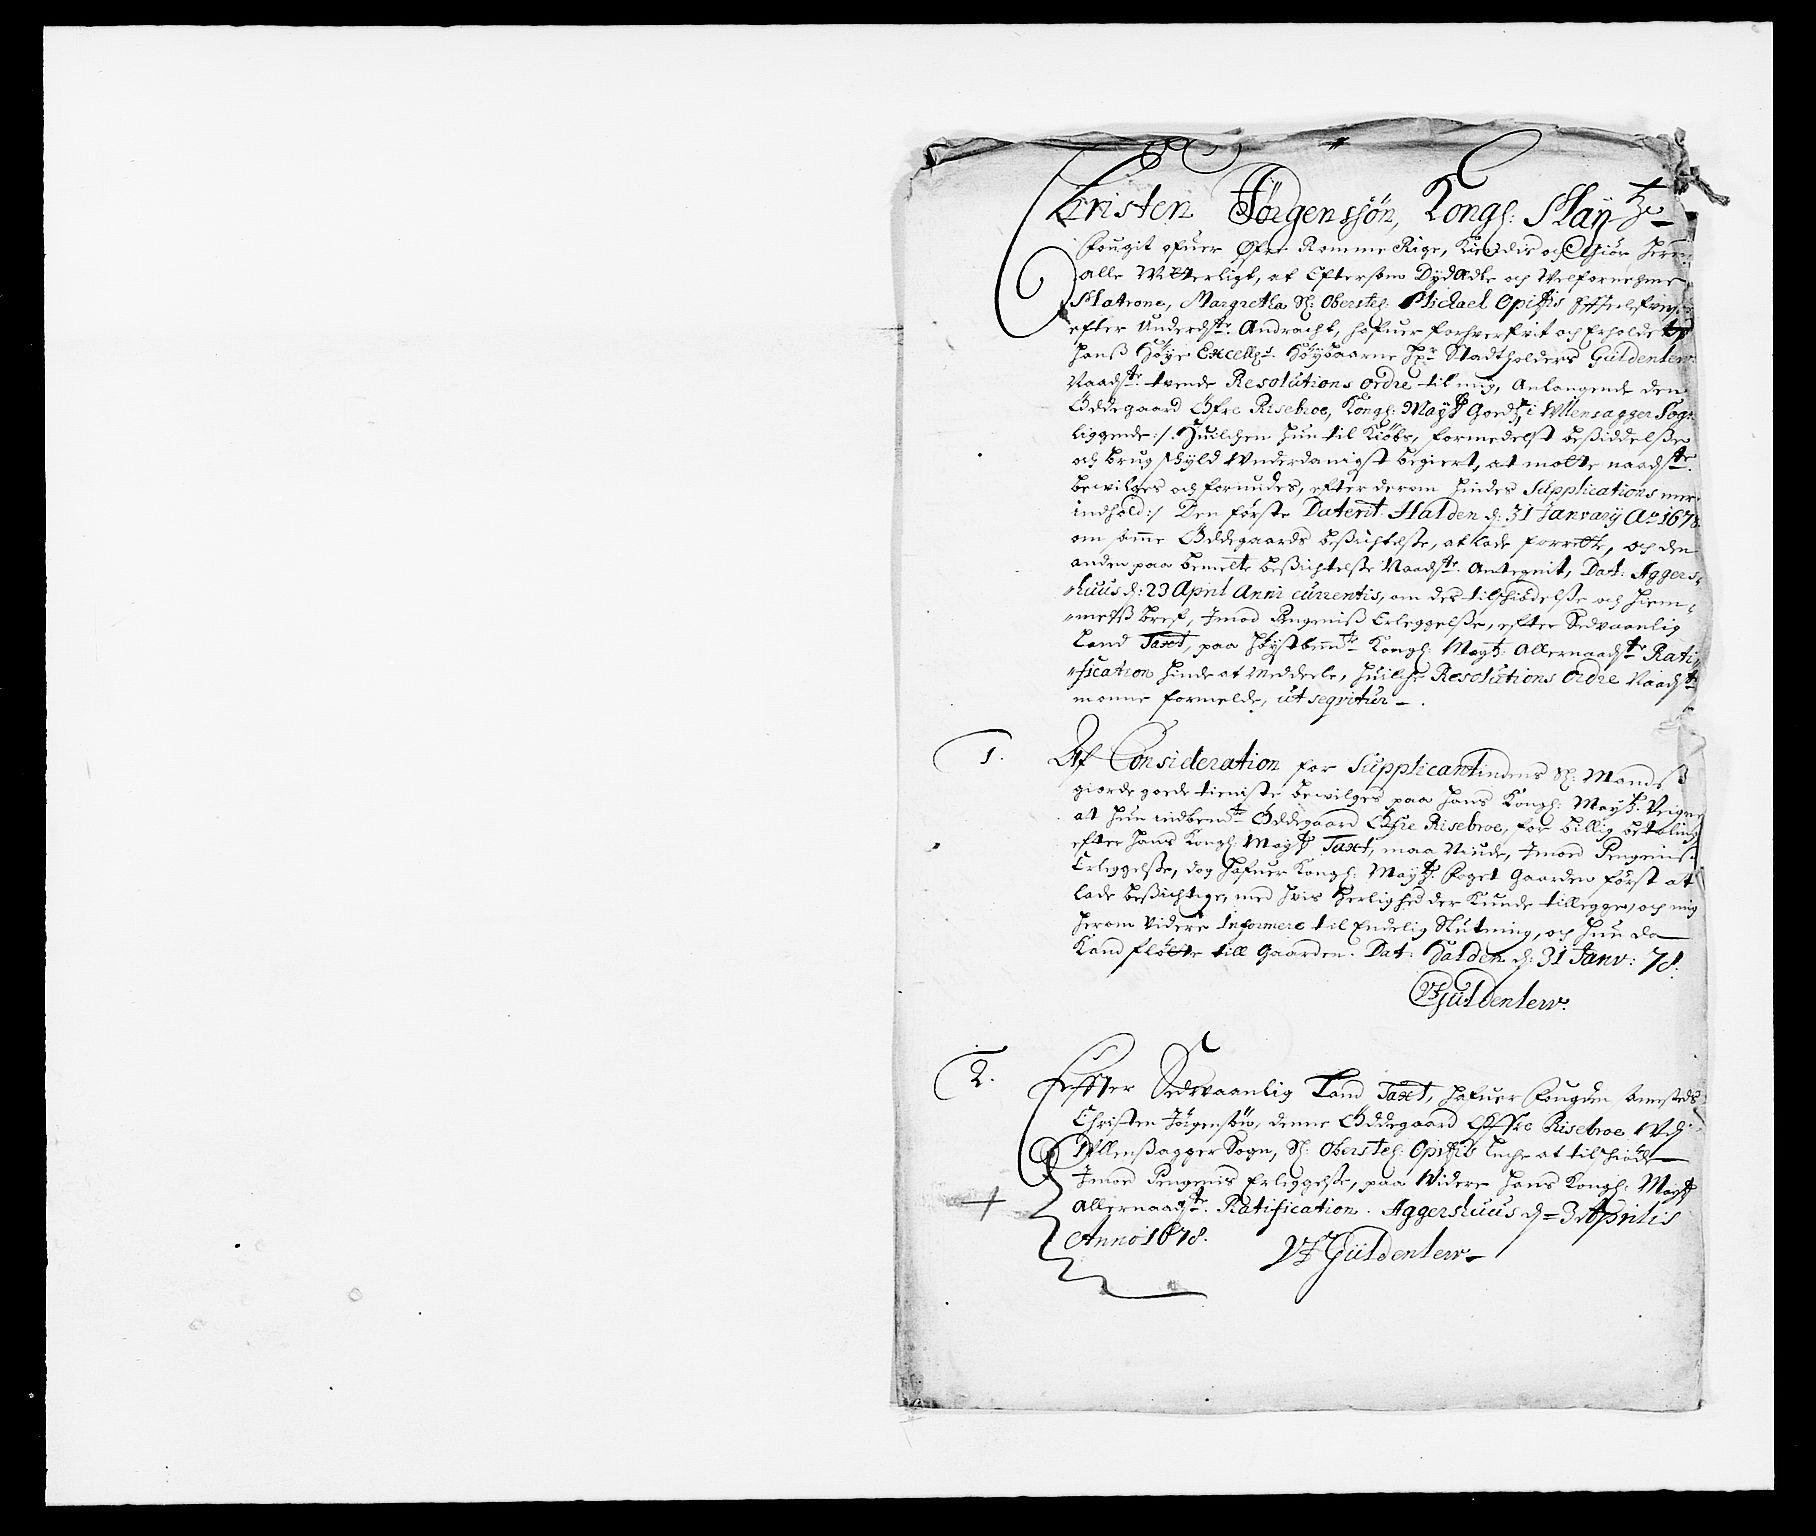 RA, Rentekammeret inntil 1814, Reviderte regnskaper, Fogderegnskap, R12/L0693: Fogderegnskap Øvre Romerike, 1678-1679, s. 148